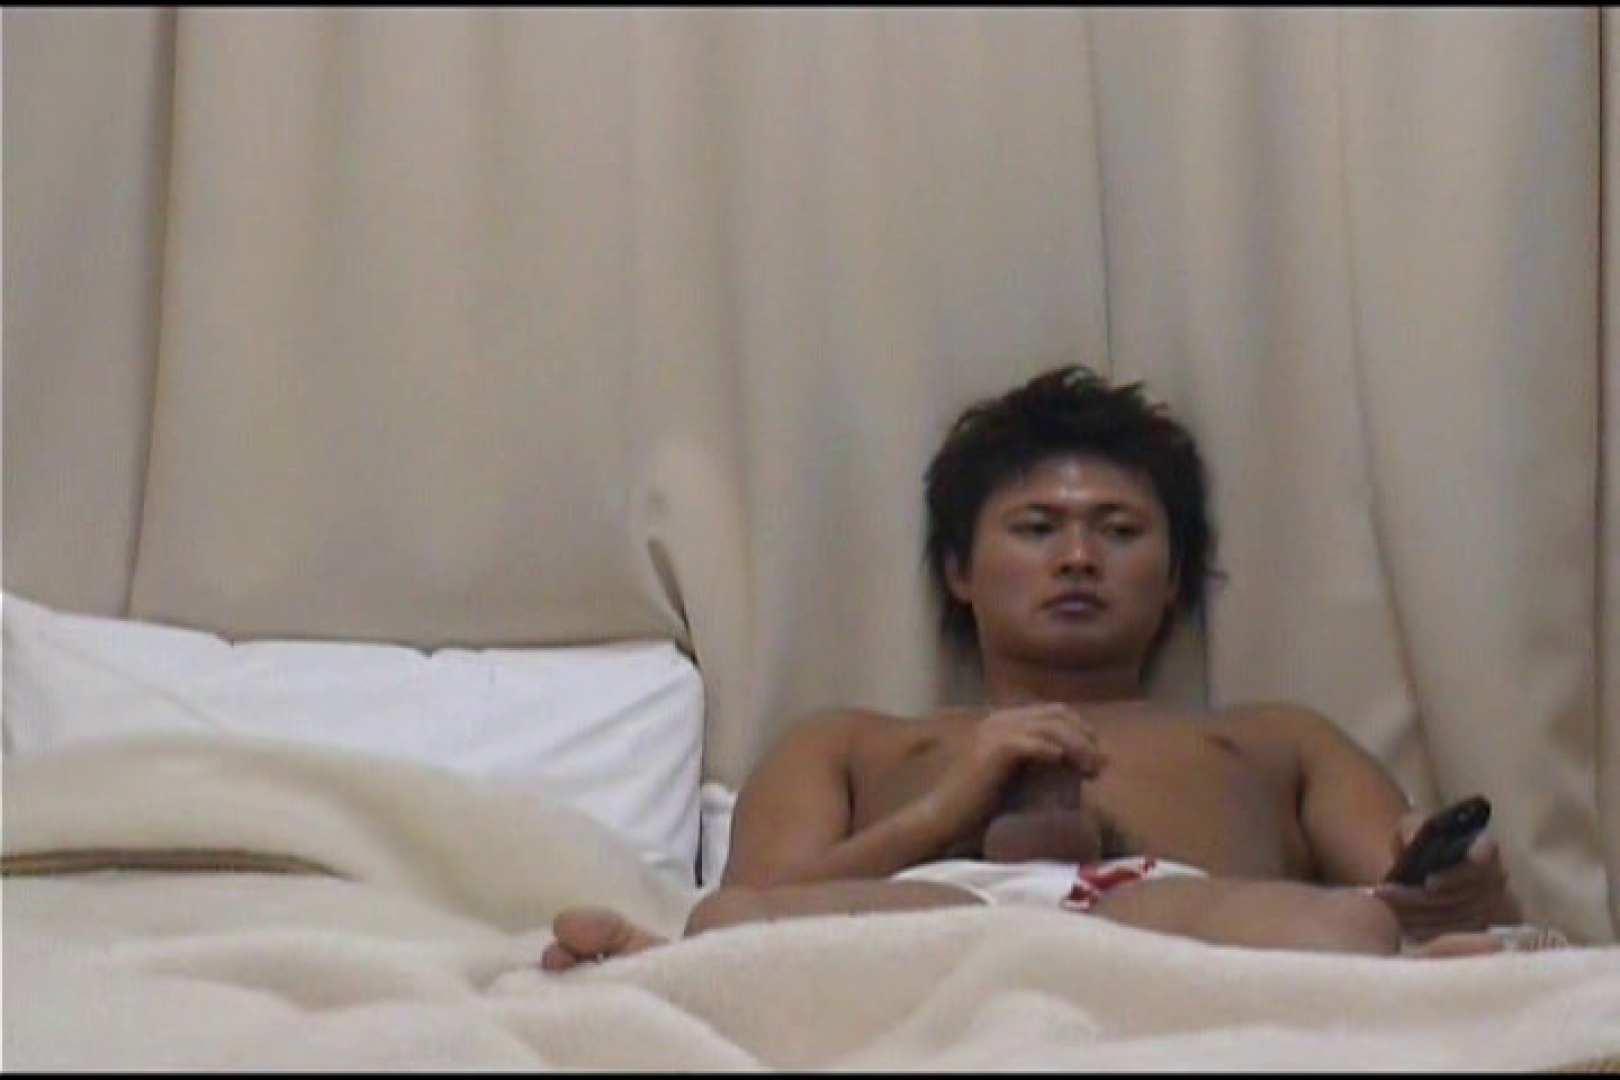 目線解禁!ノンケイケメン自慰行為編特集!VOL.01 イケメンのsex | 人気シリーズ  54pic 50